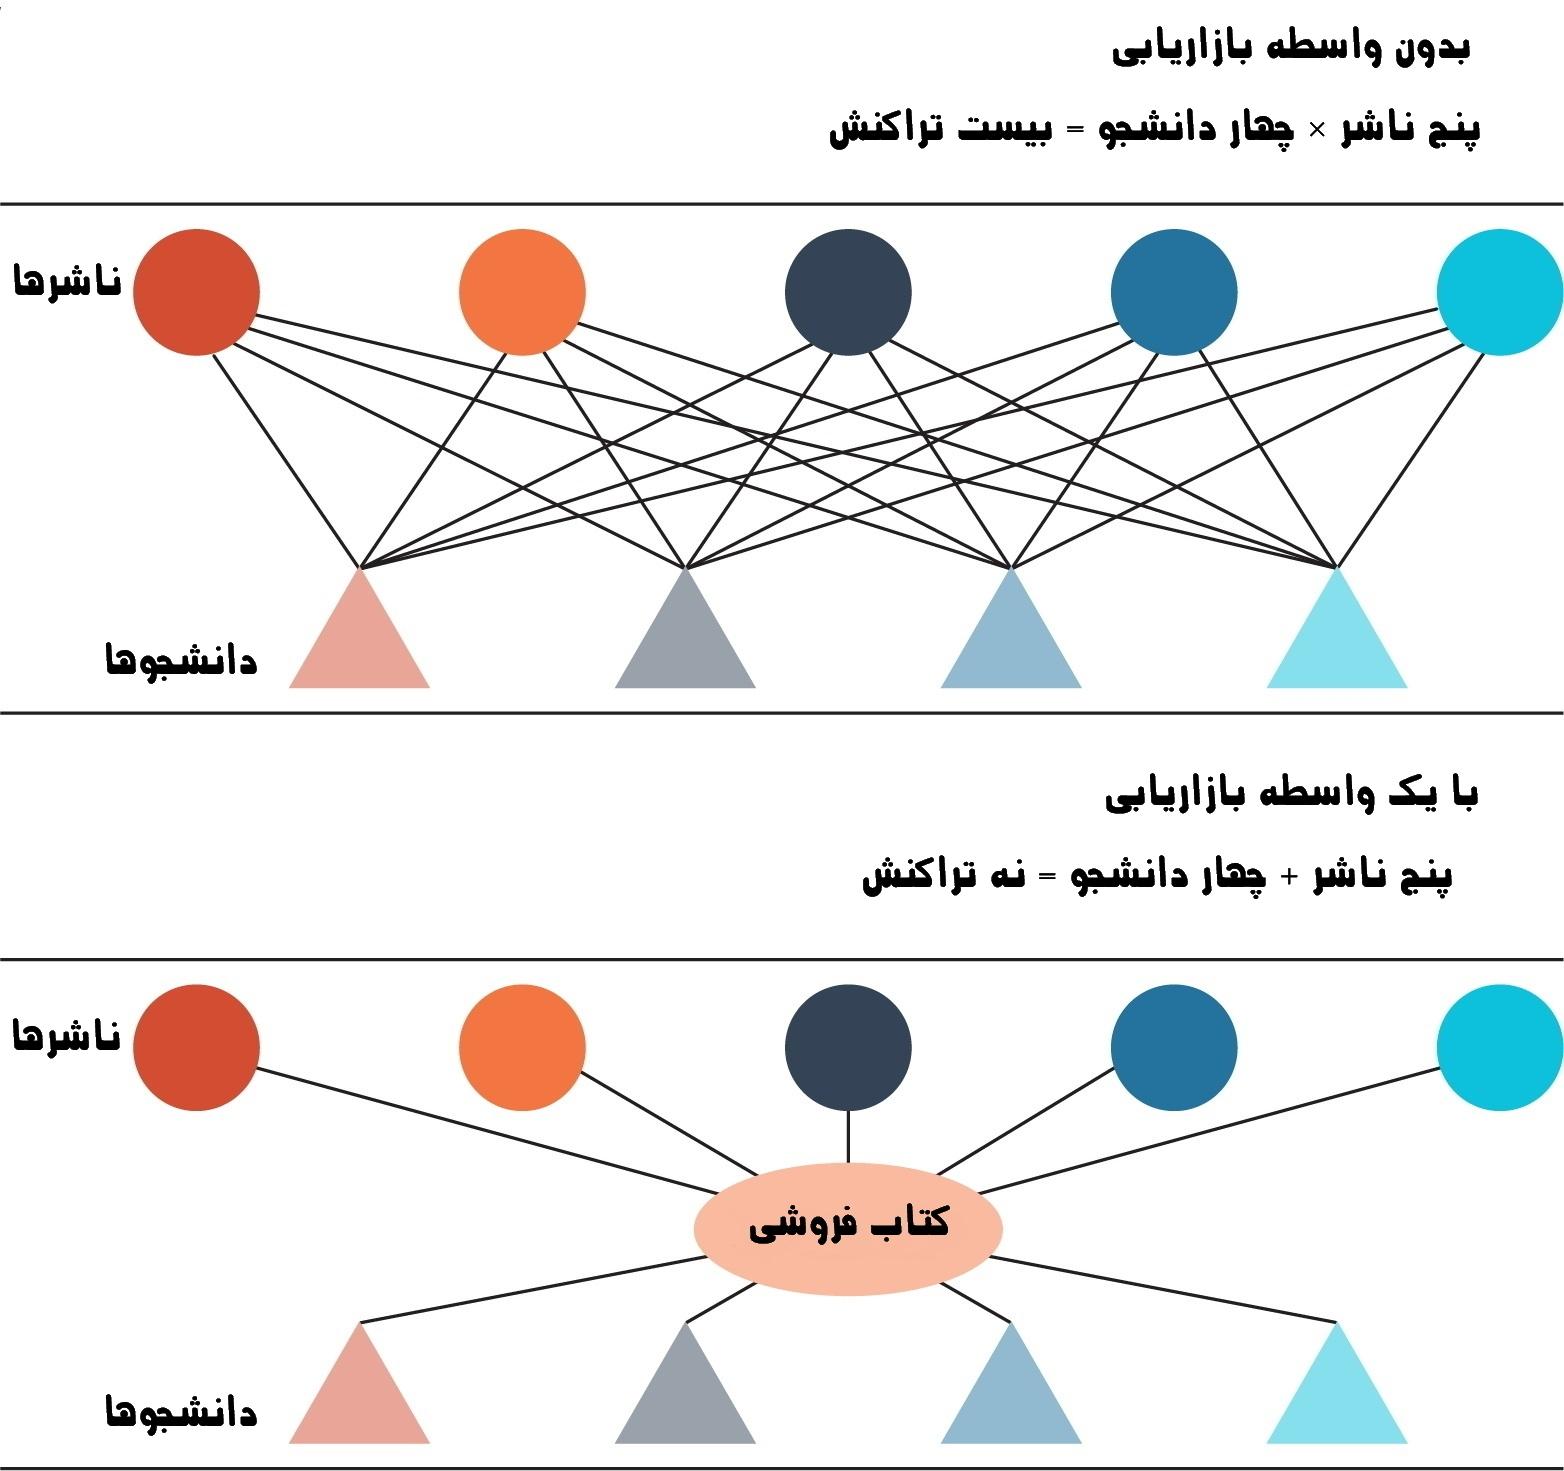 کانال توزیع در بازاریابی